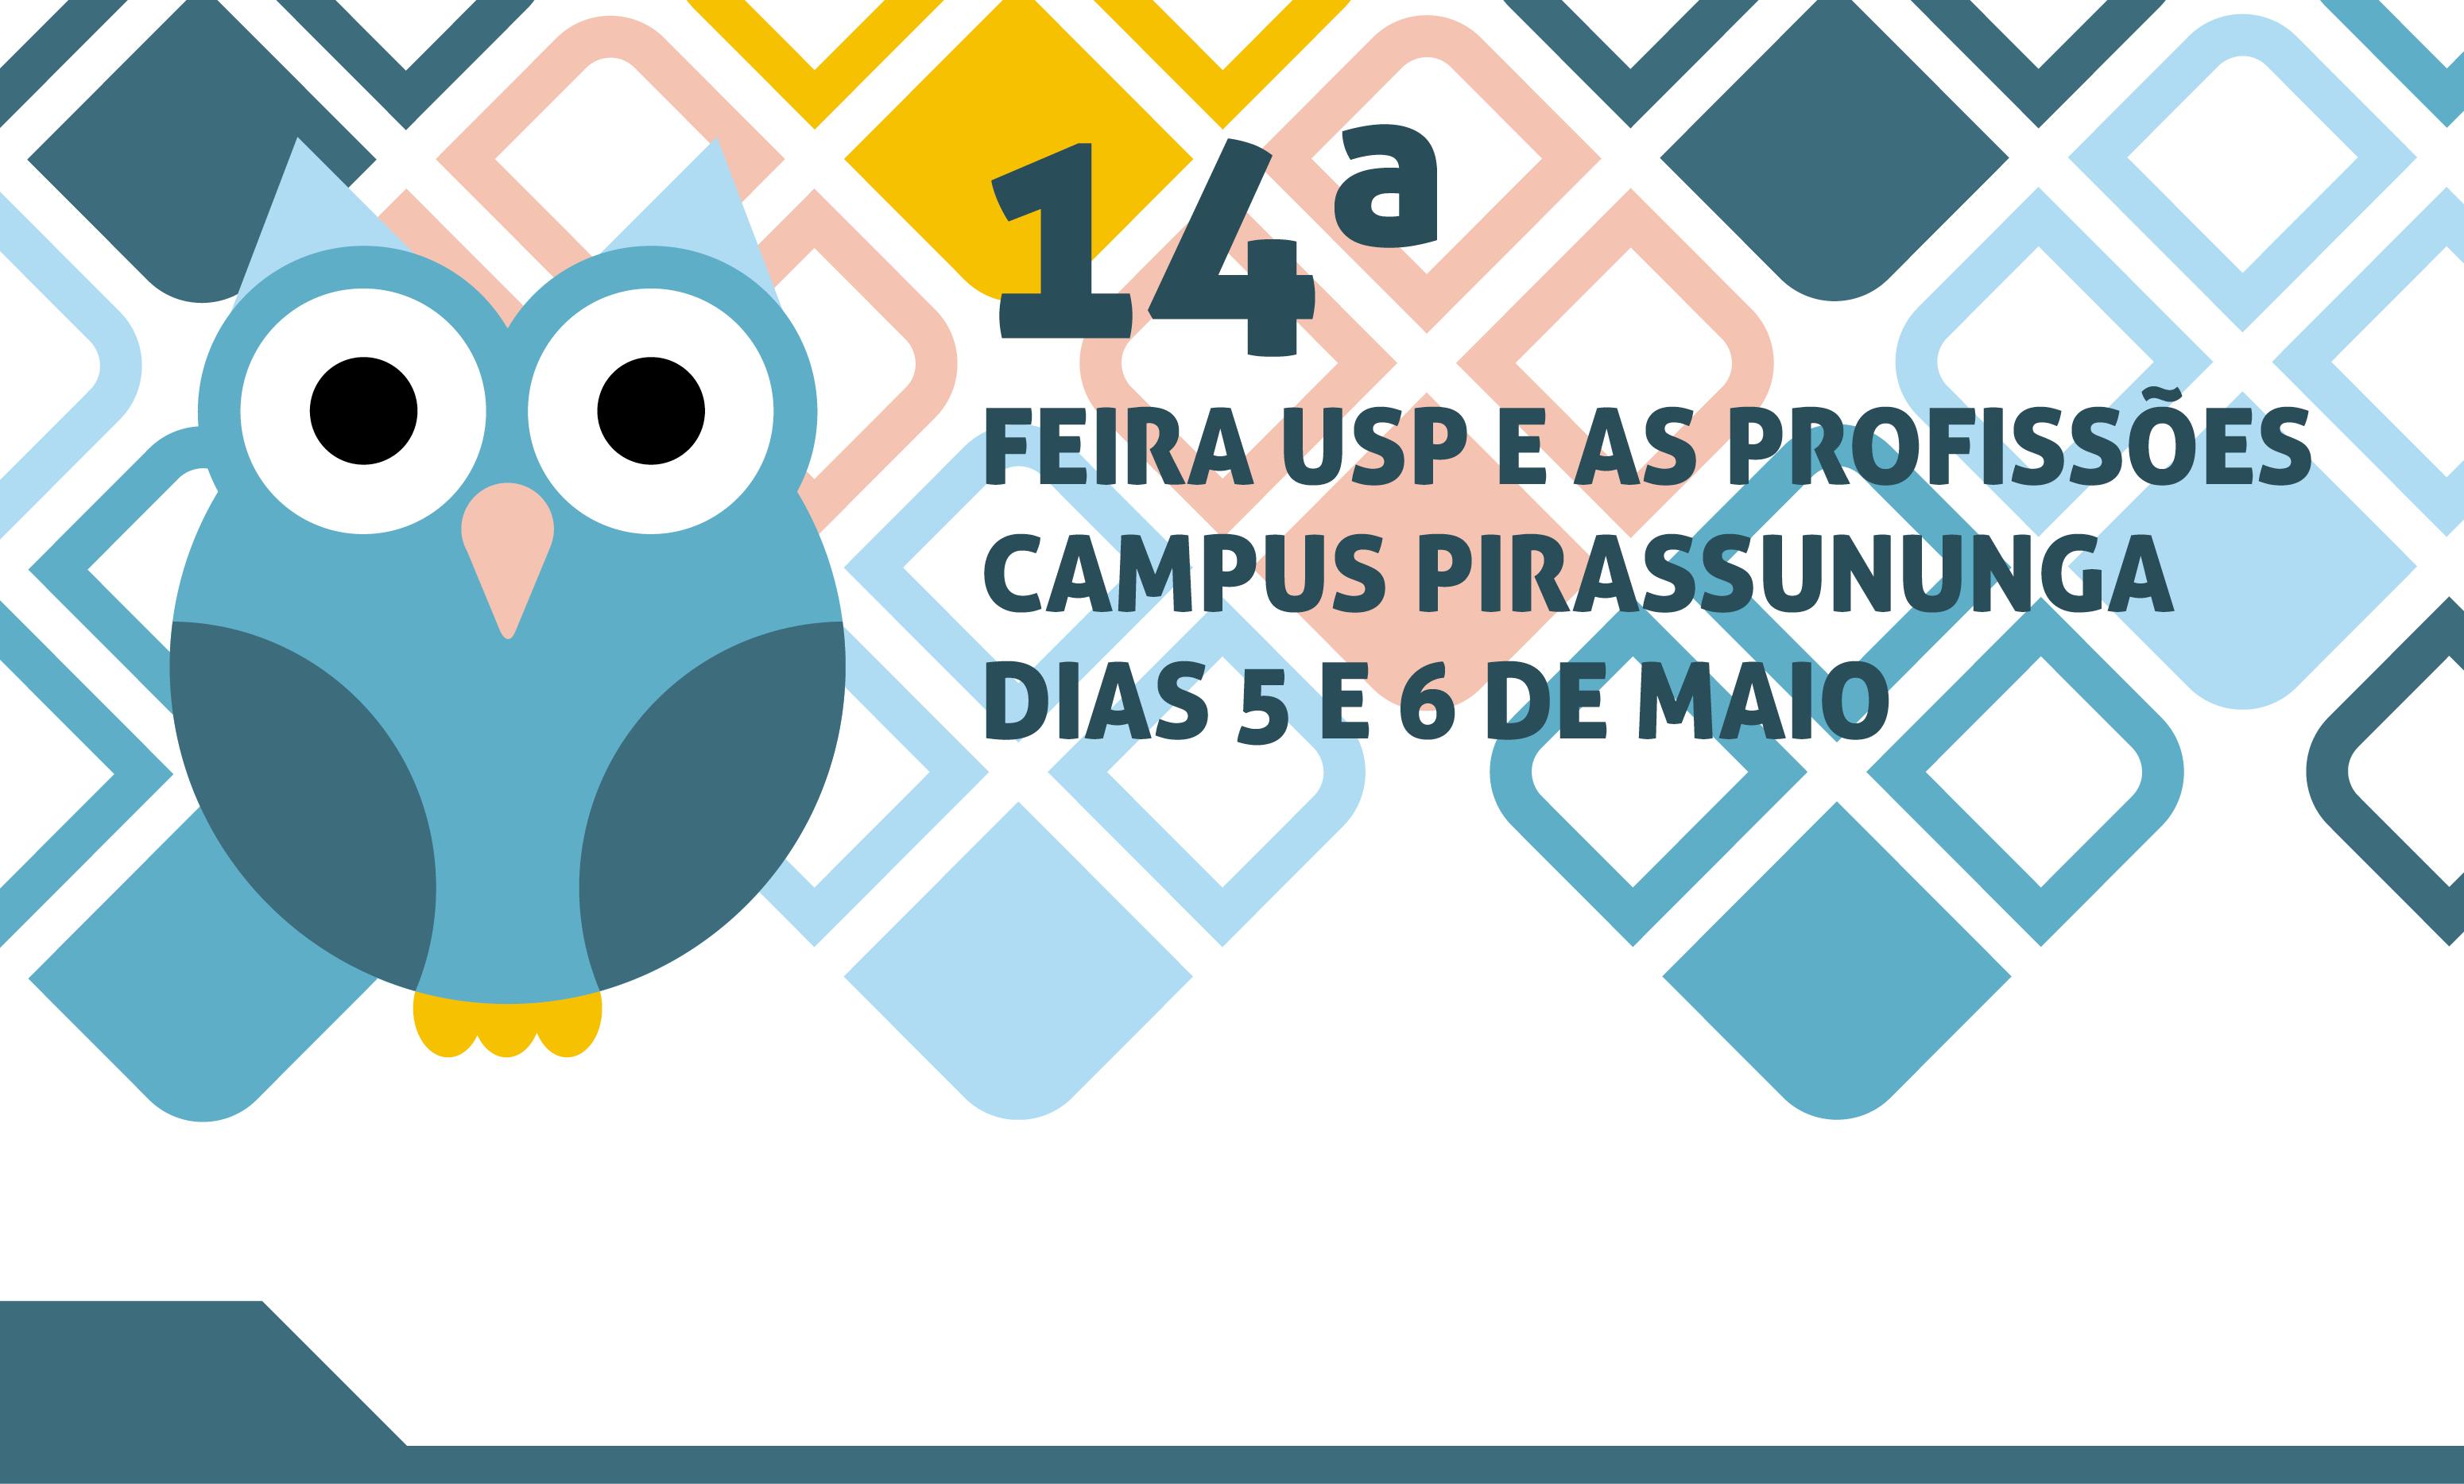 14ª Feira USP e as Profissões – Pirassununga